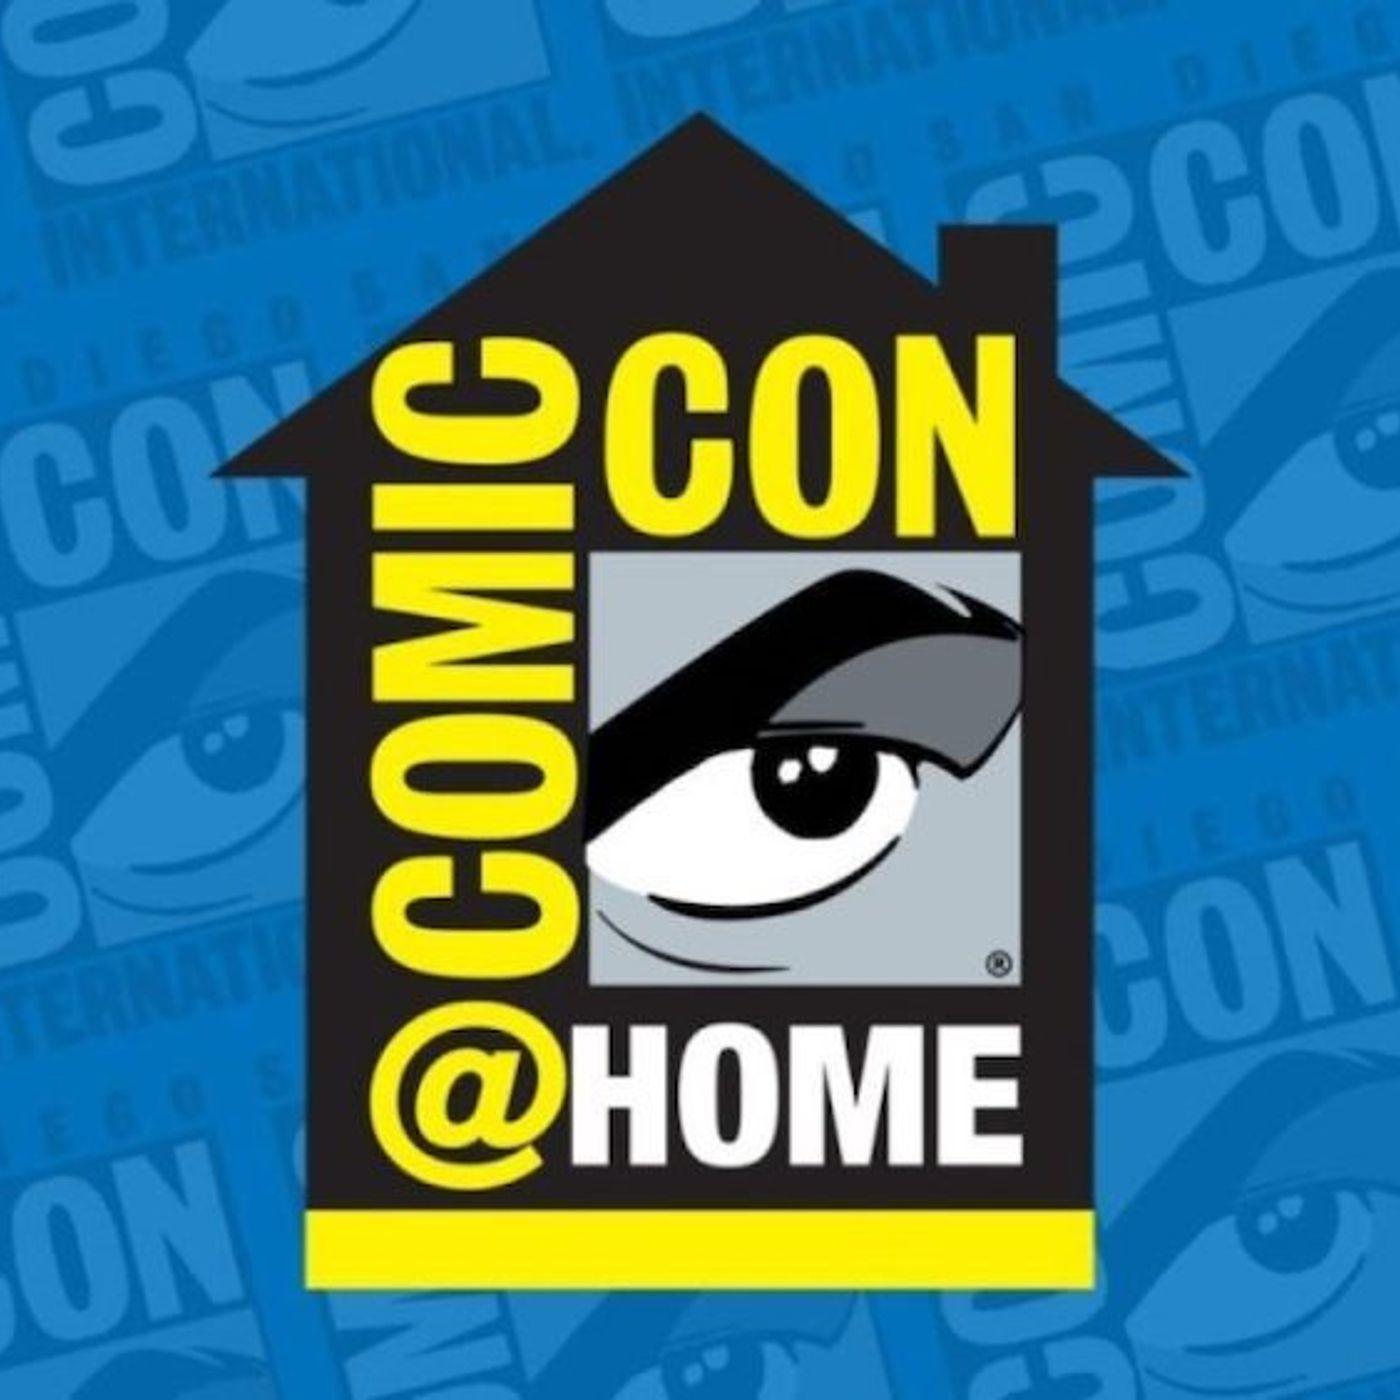 Episode 93: Do You Comic-Con @ Home?